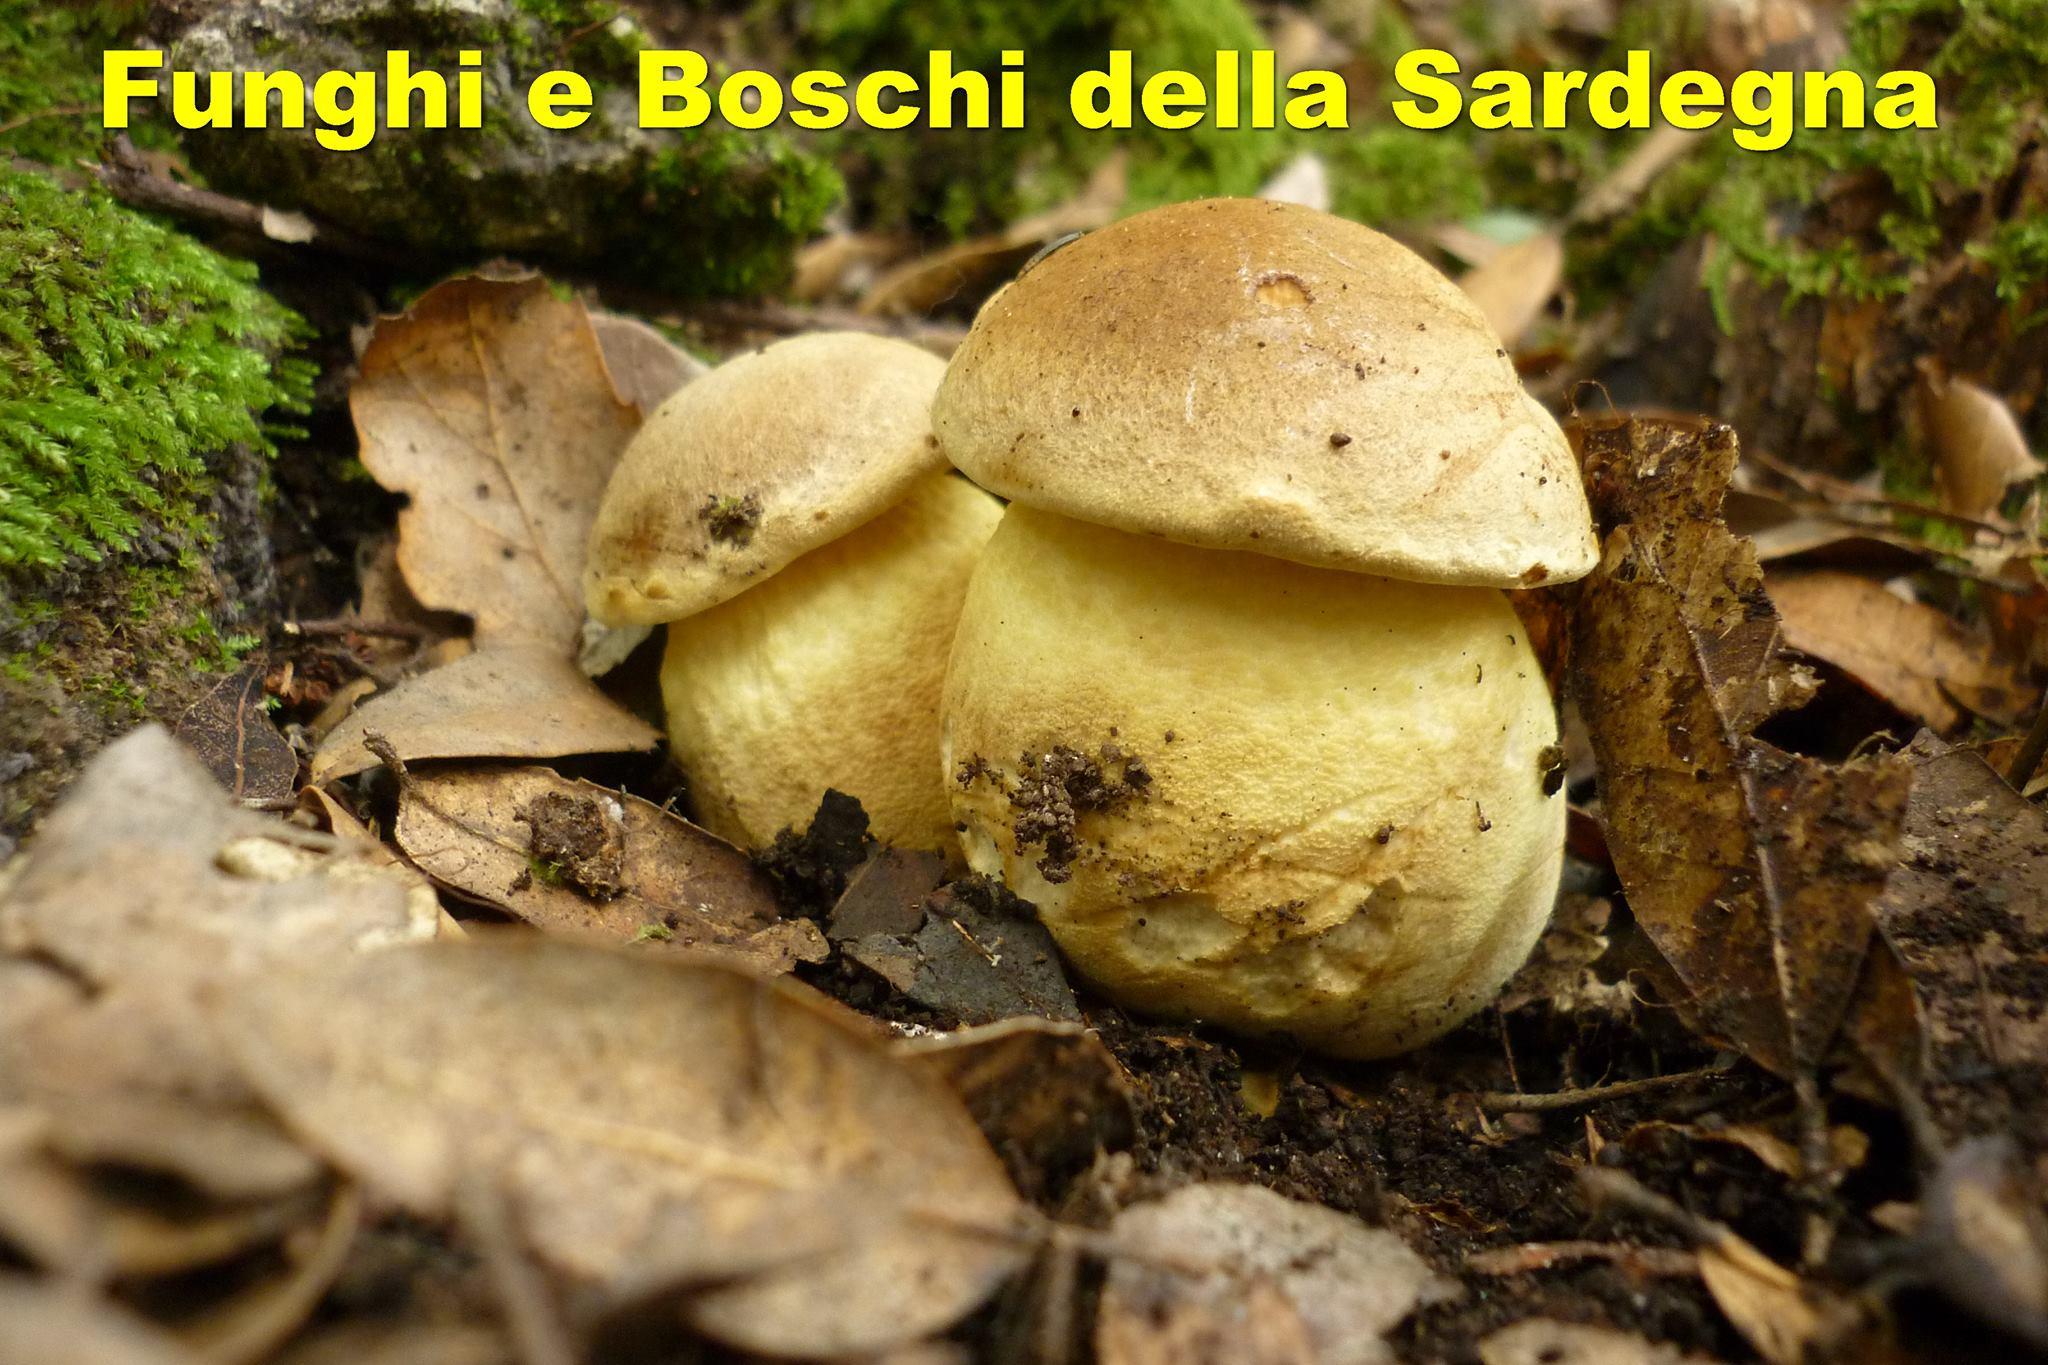 Funghi di Sardegna: Oggi in compagnia dell' Hydnum rufescens.